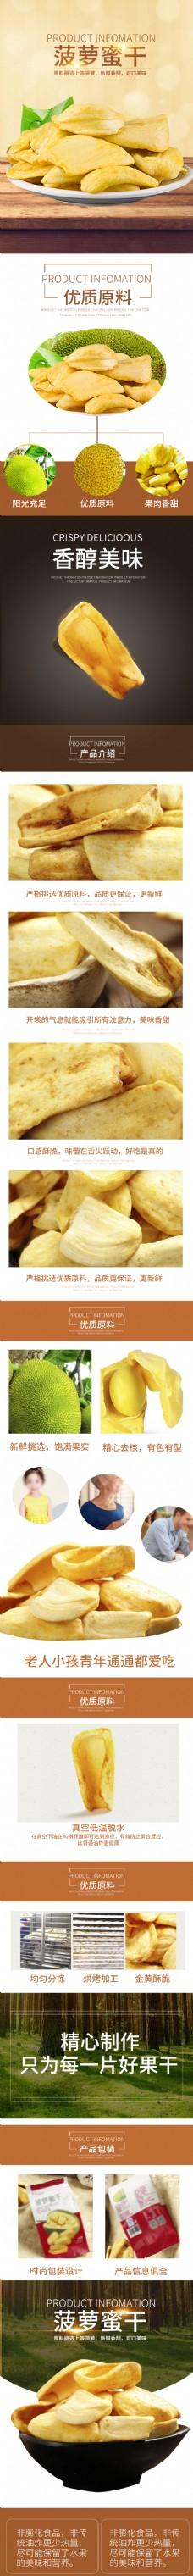 淘宝电商美食食品零食菠萝蜜干时尚简约风详情页psd模板